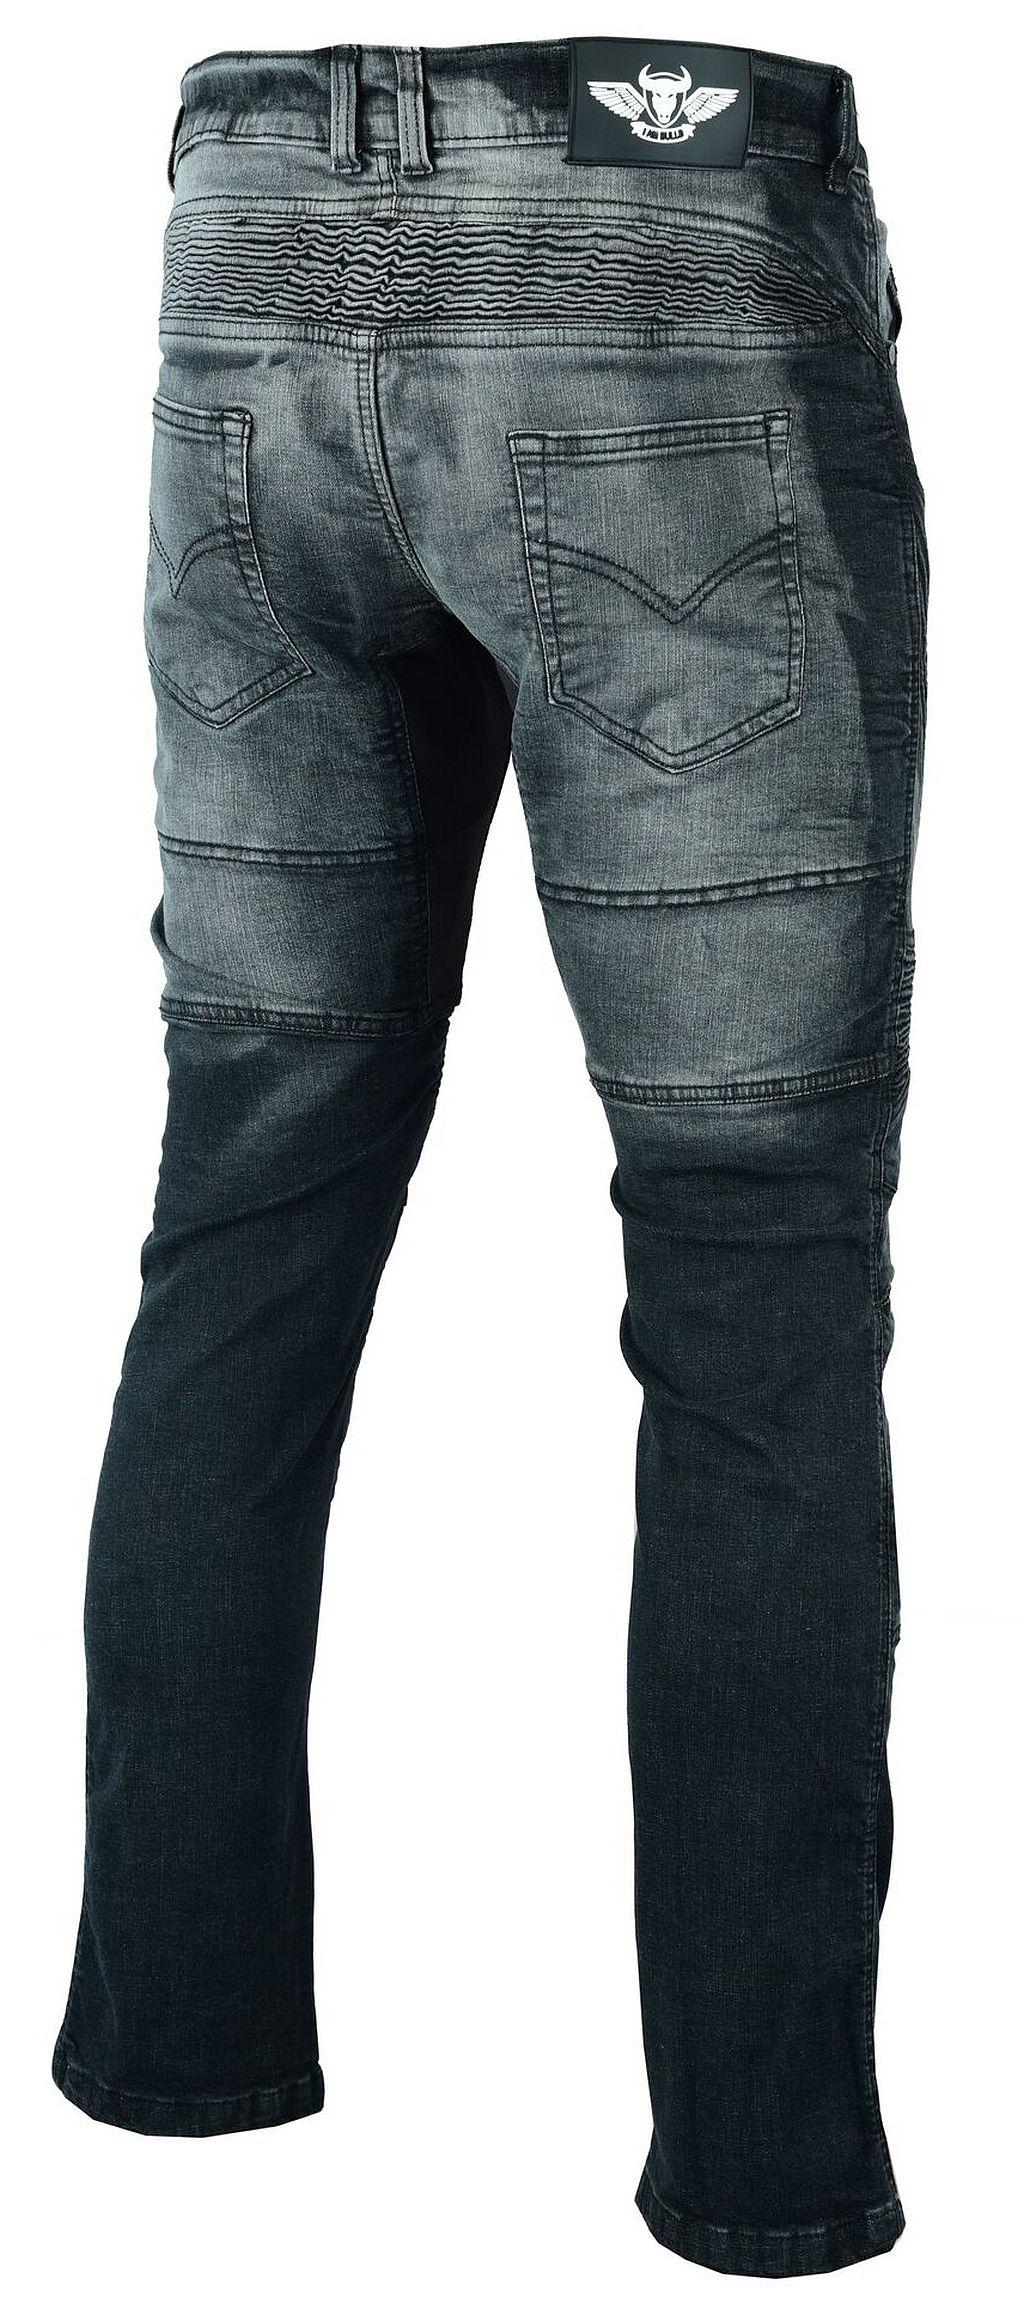 Herren Motorrad Jeans Motorradhose Denim mit Protektoren schwarz 32 - 42 inch